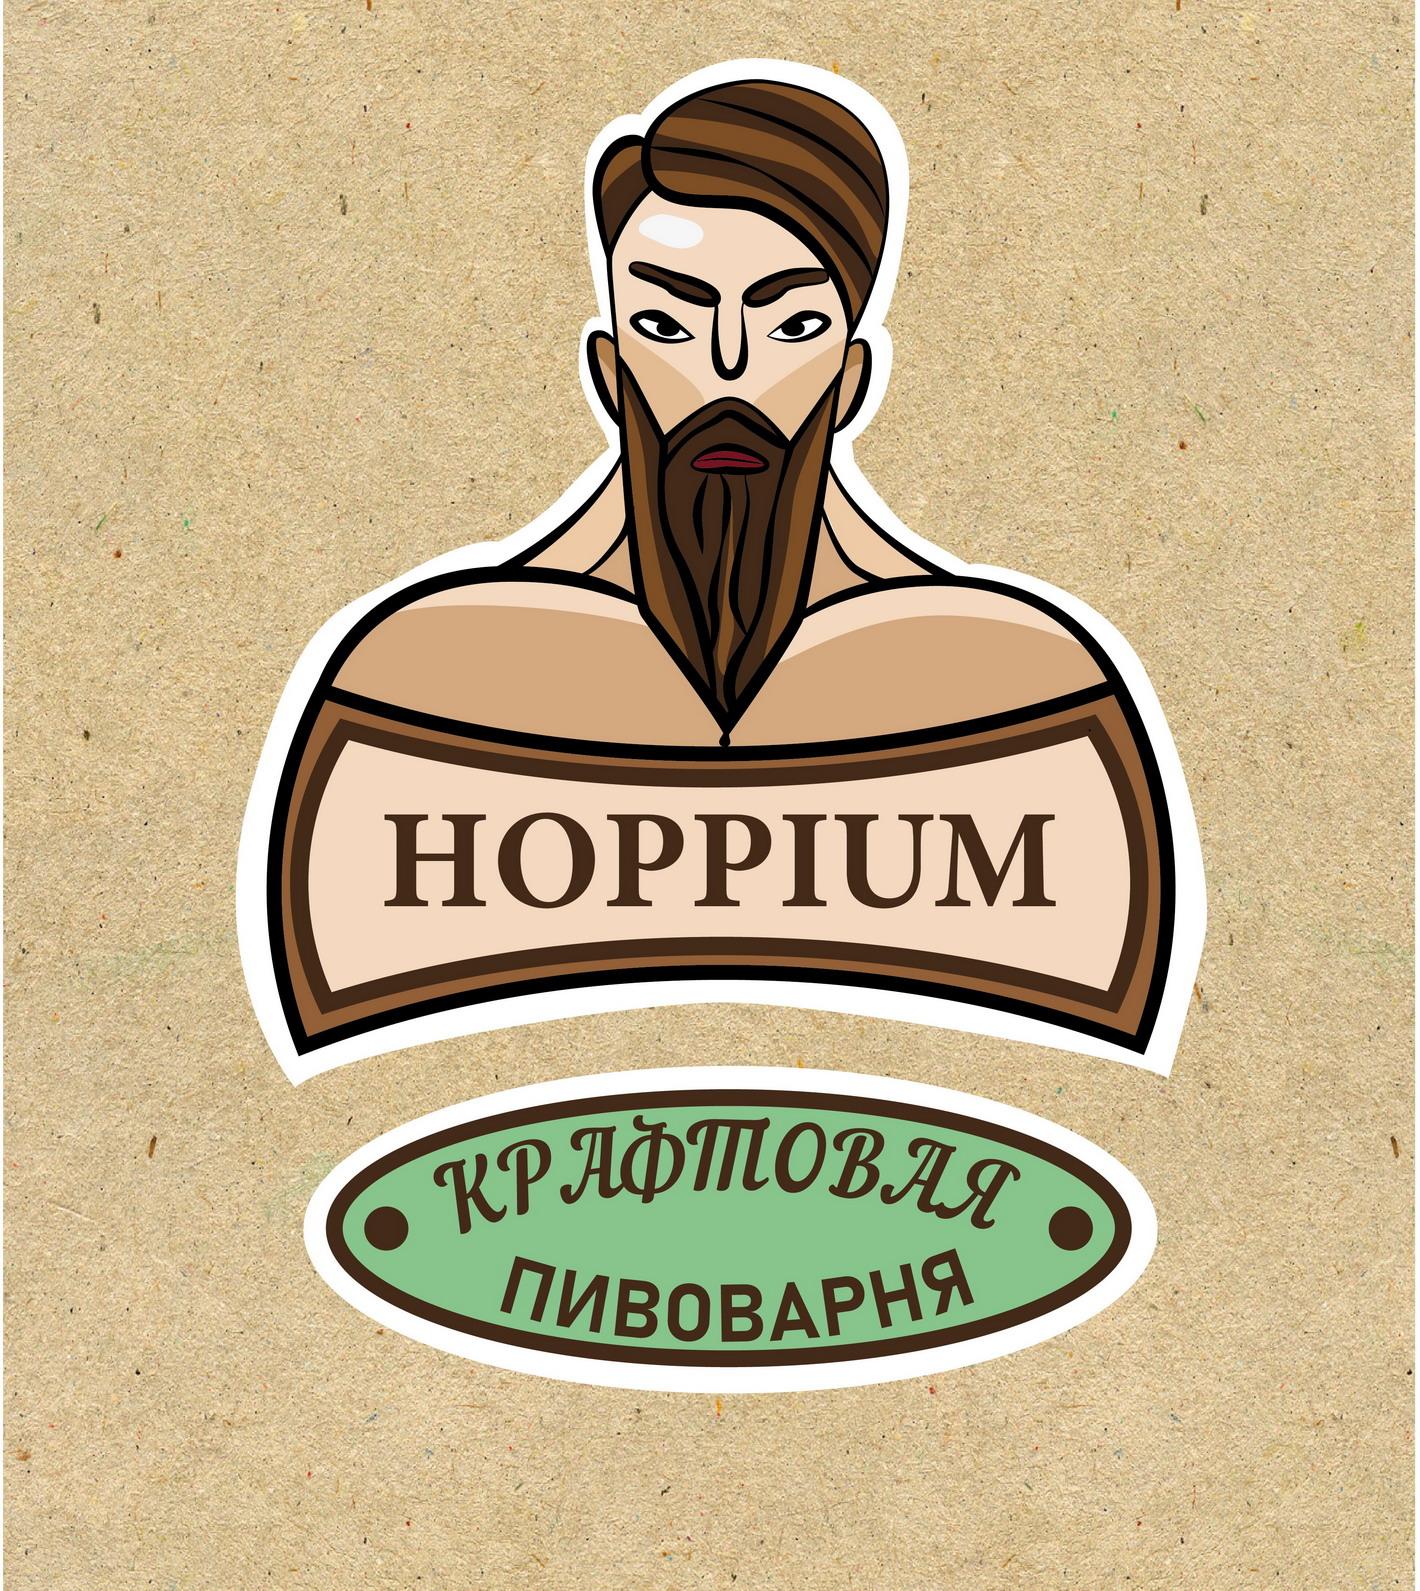 Логотип + Ценники для подмосковной крафтовой пивоварни фото f_0065dc035a91c965.jpg